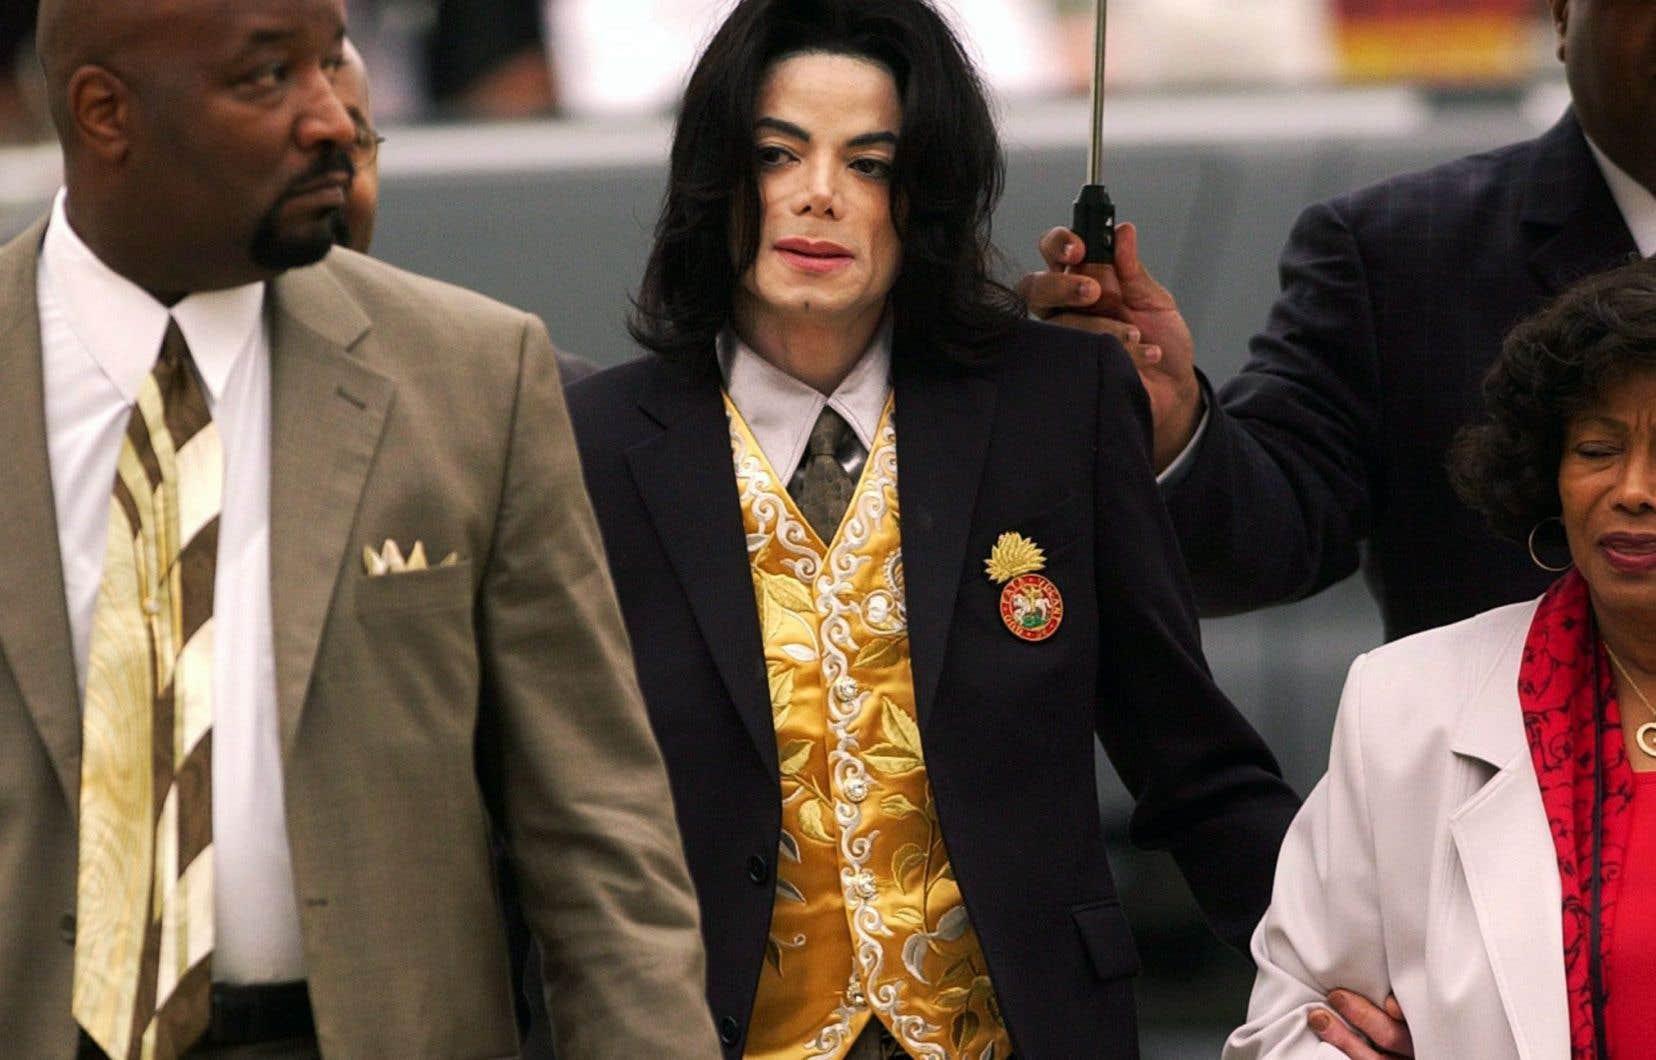 Michael Jackson à son arrivée au palais de justice de Santa Barbara en mai 2005 pour répondre à des accusations de pédophilie